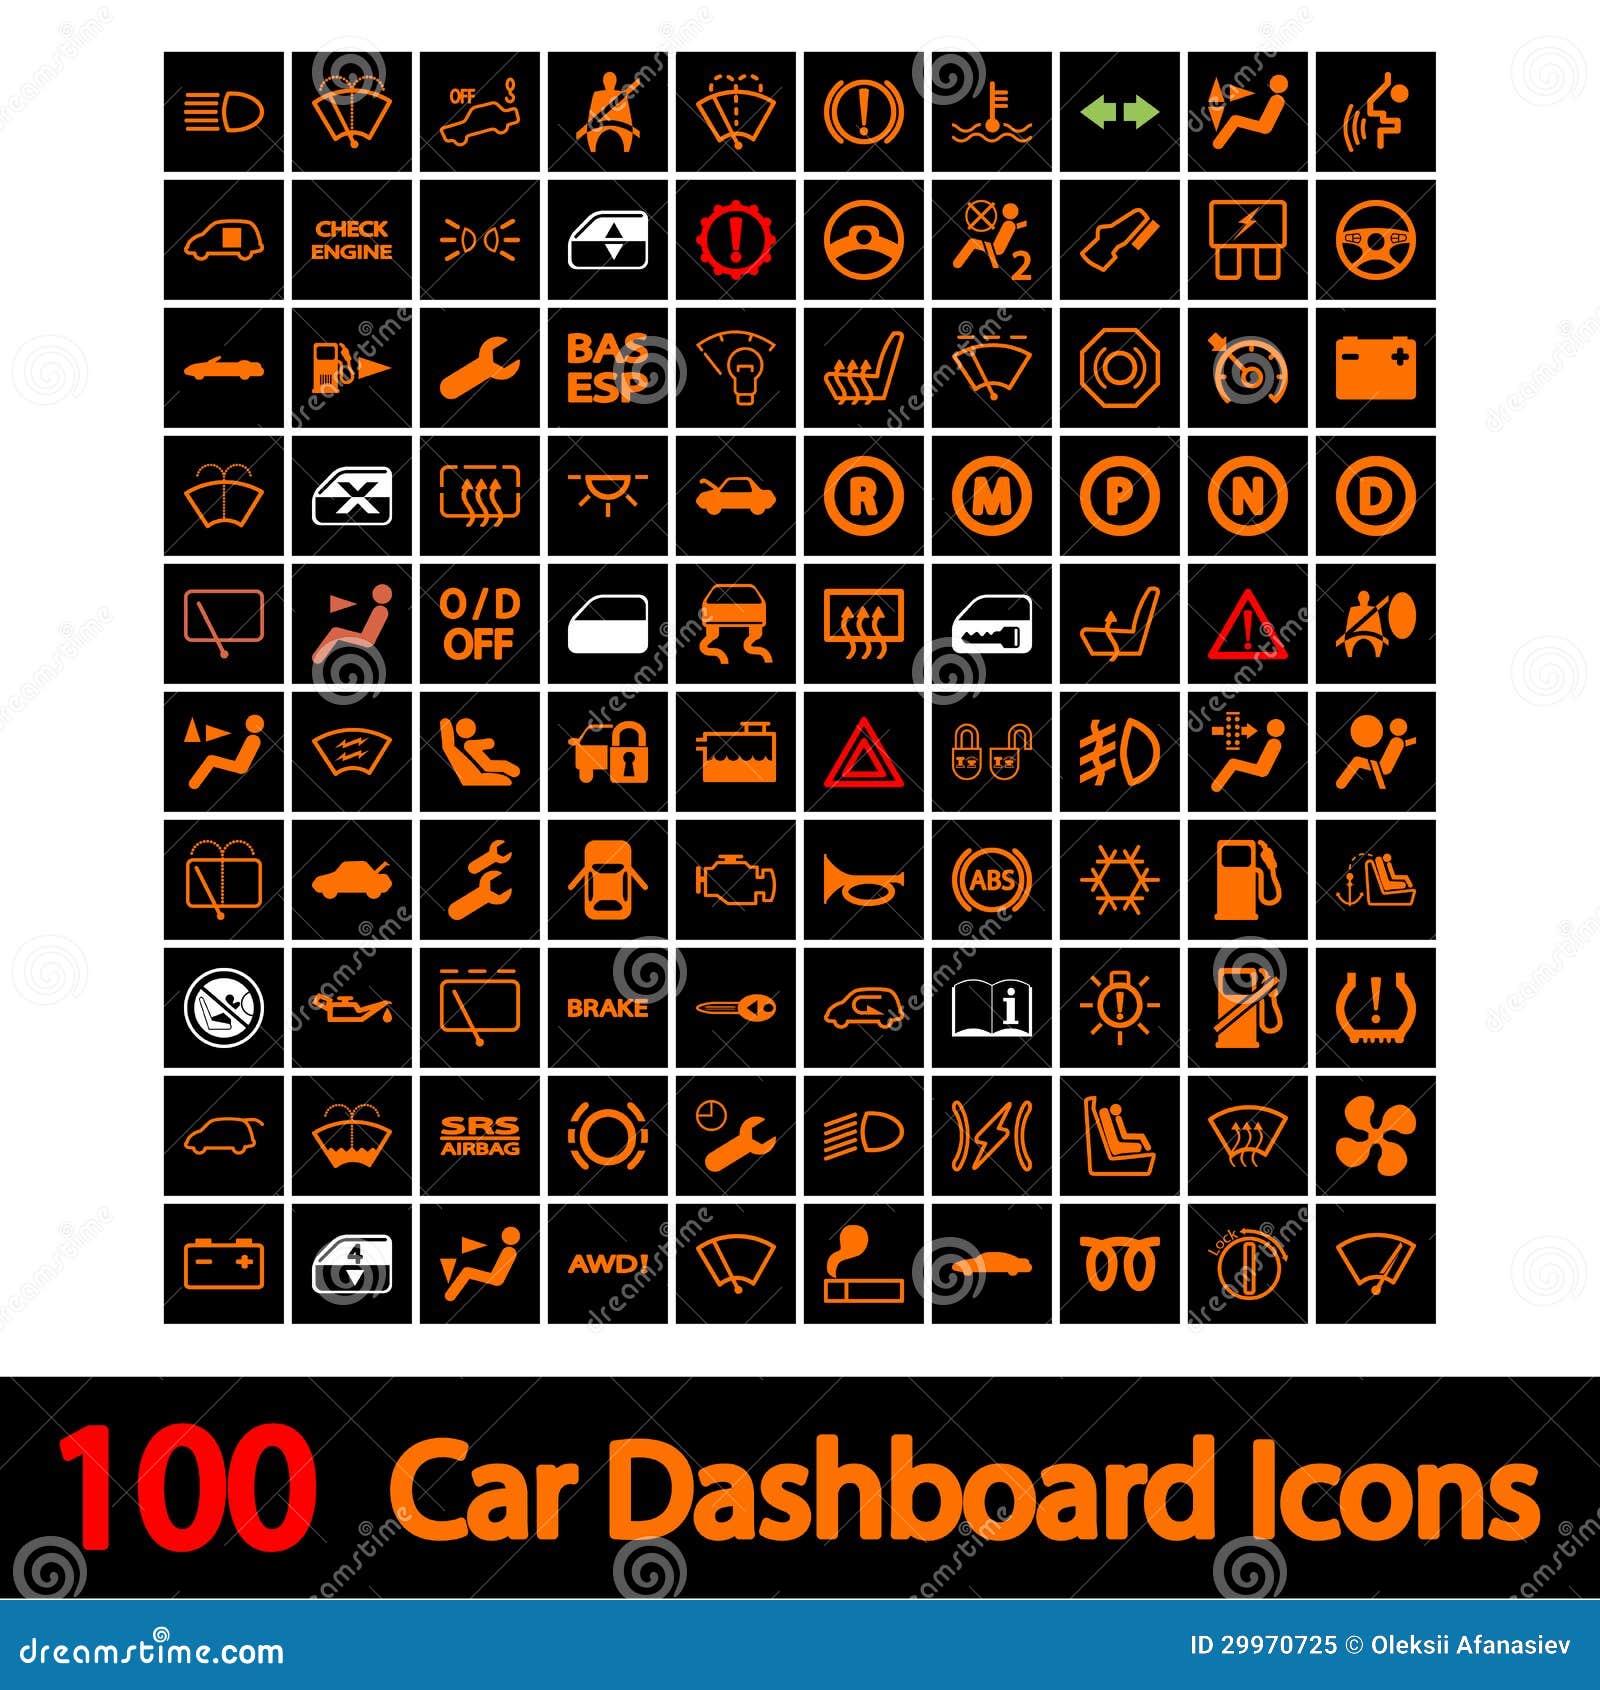 100 Iconos Del Tablero De Instrumentos Del Coche